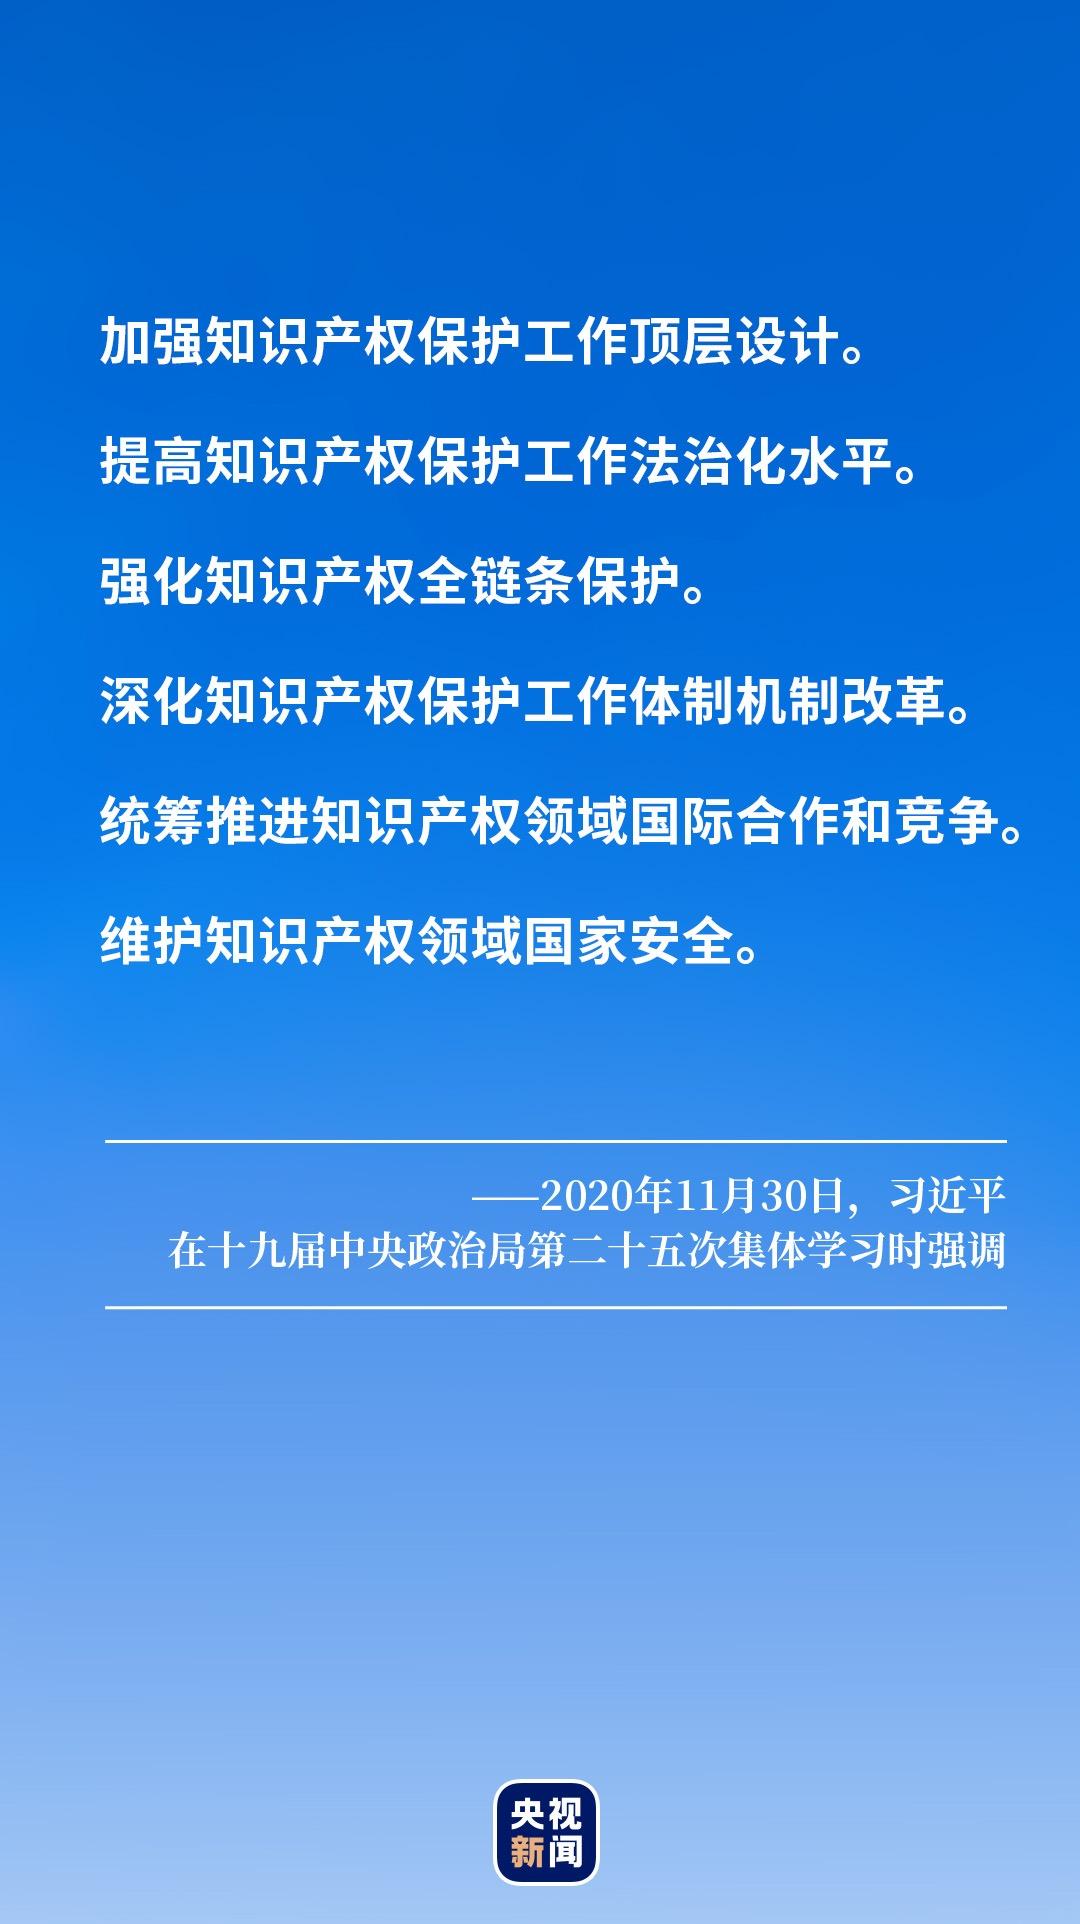 """擦亮""""中國創造"""" 建設知識產權強國"""